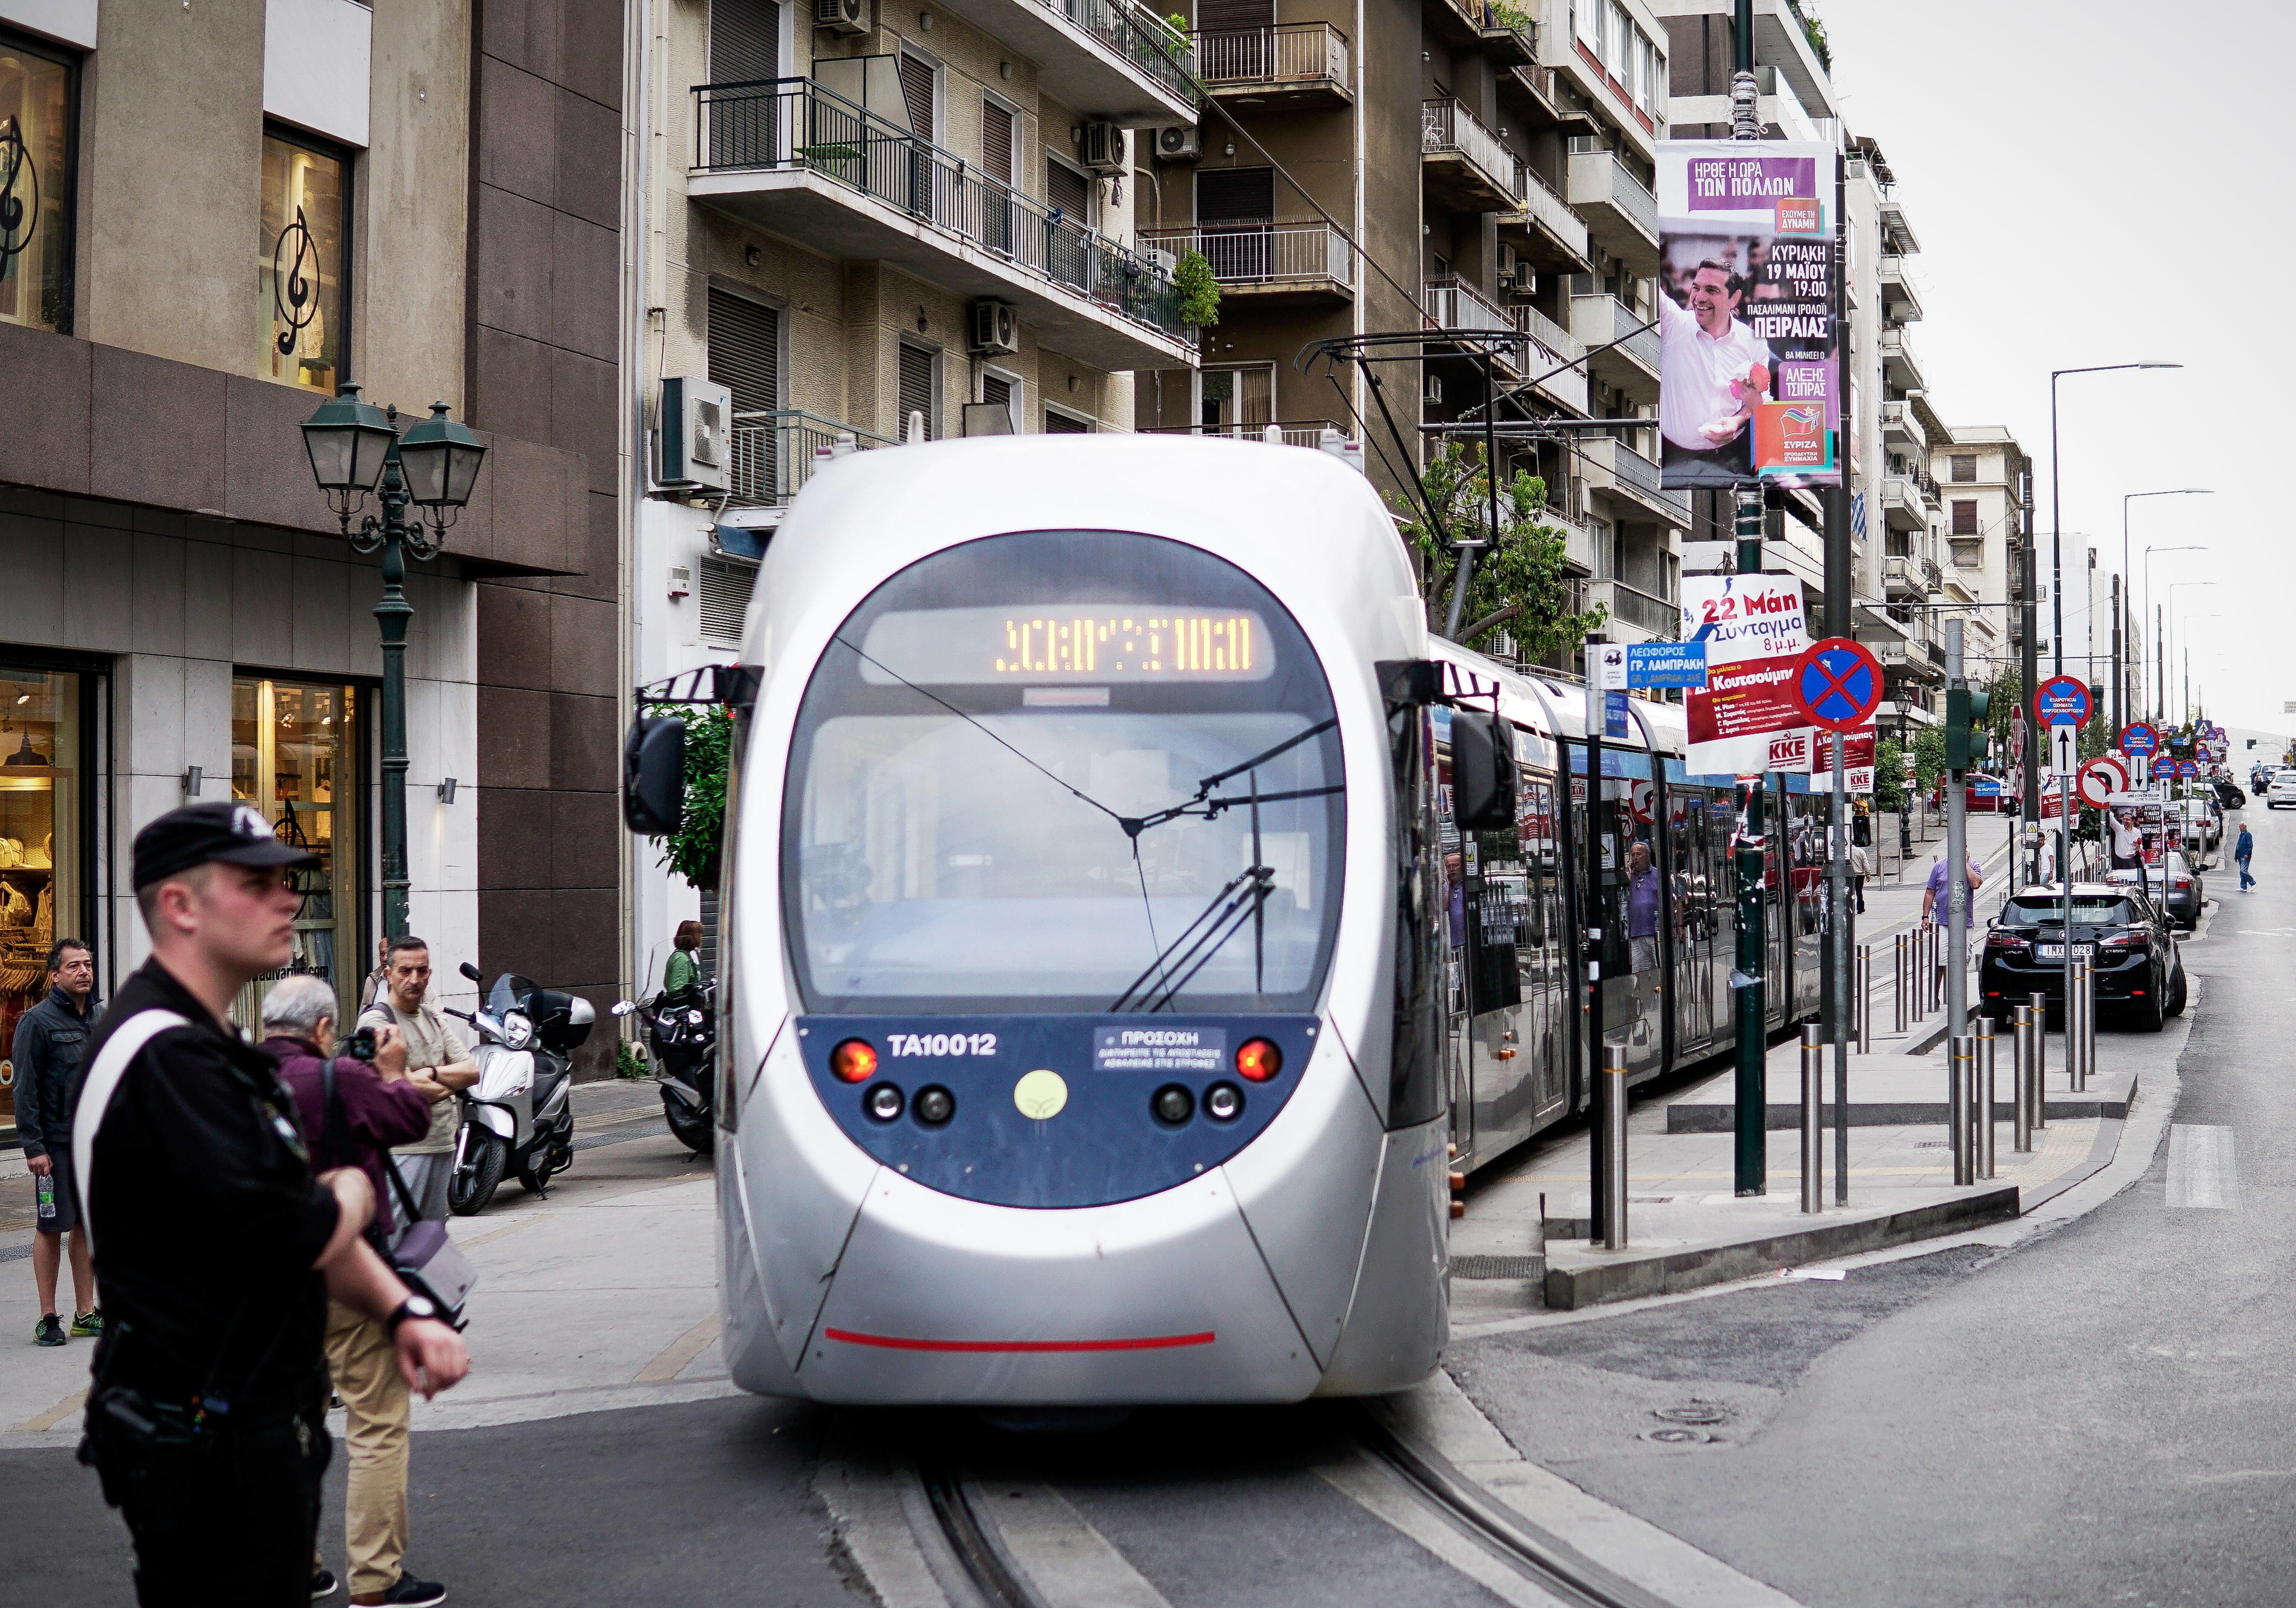 Δοκιμαστική διέλευση του τραμ στον Πειραιά την Κυριακή 19 Μαΐου 2019